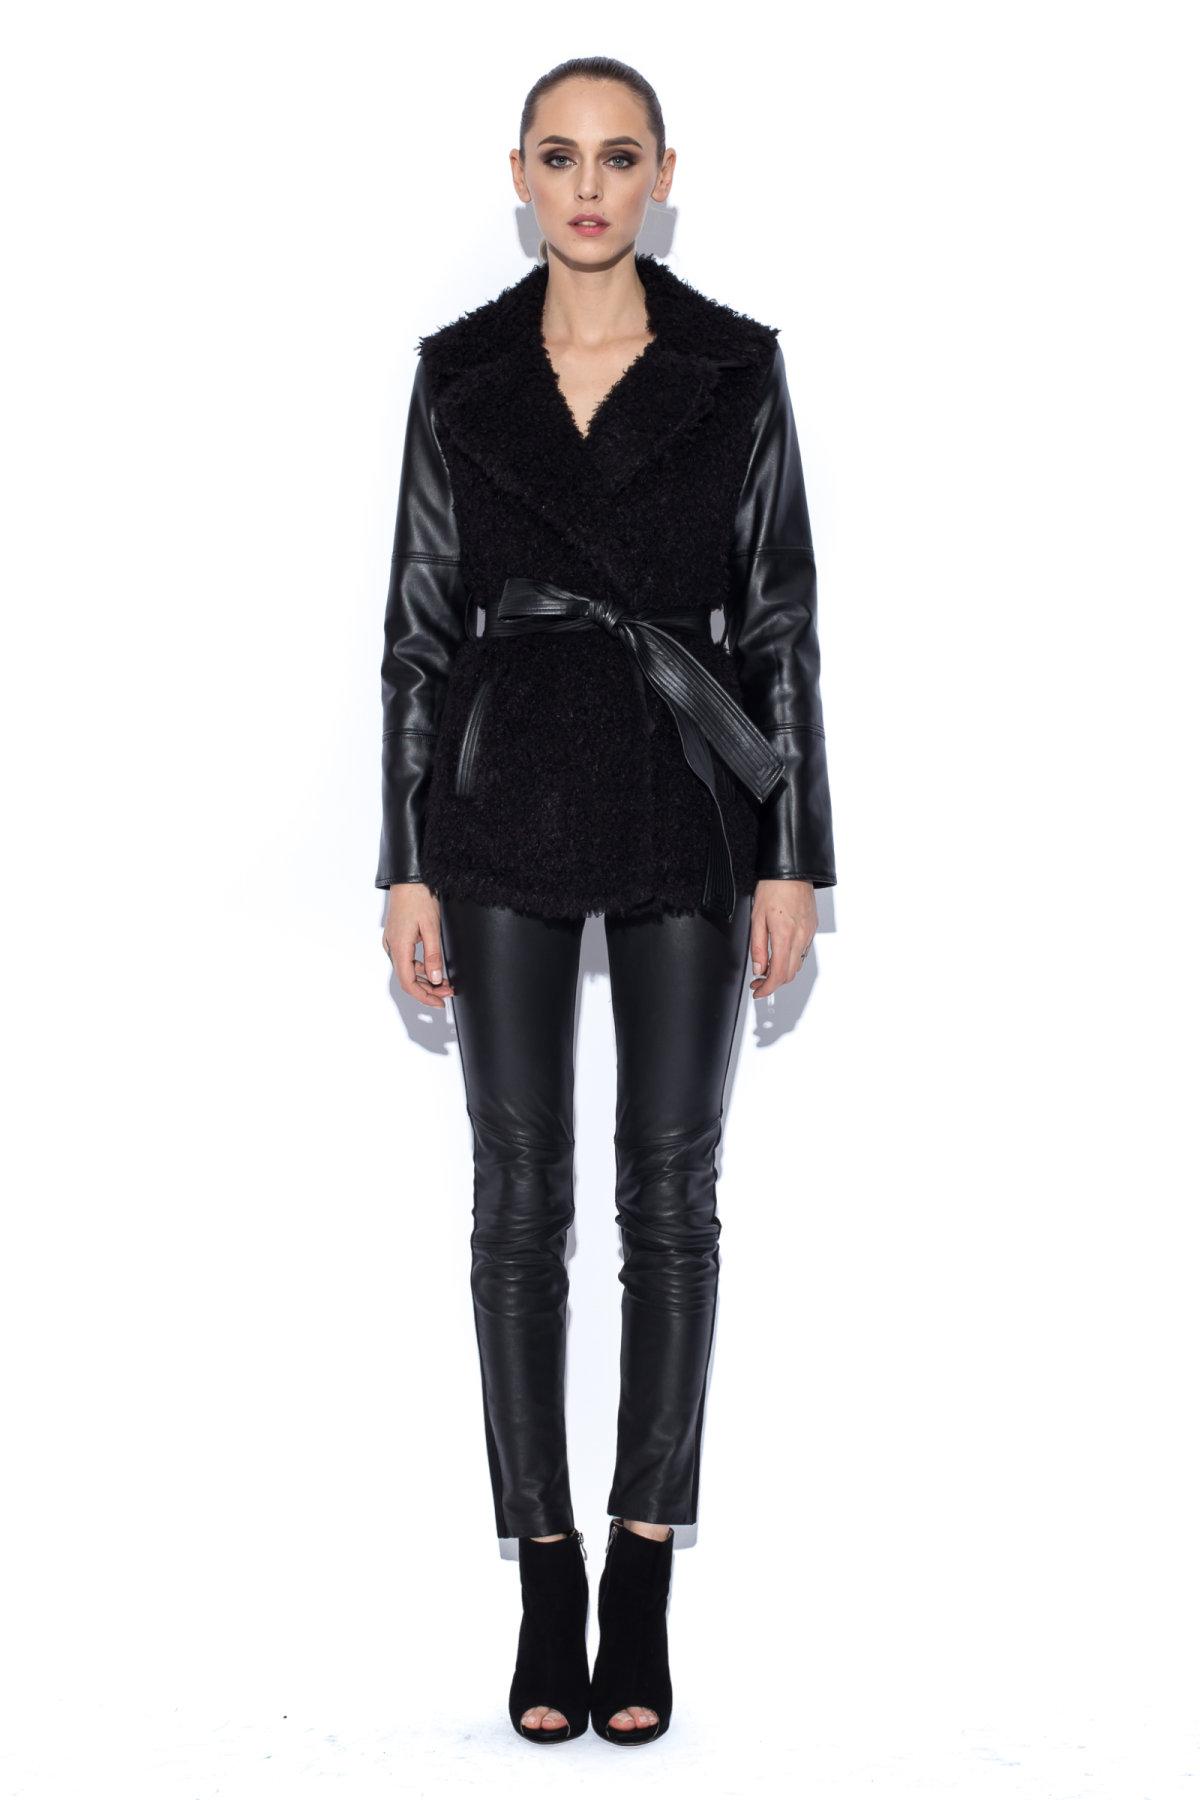 Jacheta neagra cu maneci din piele si cordon in talie Negru